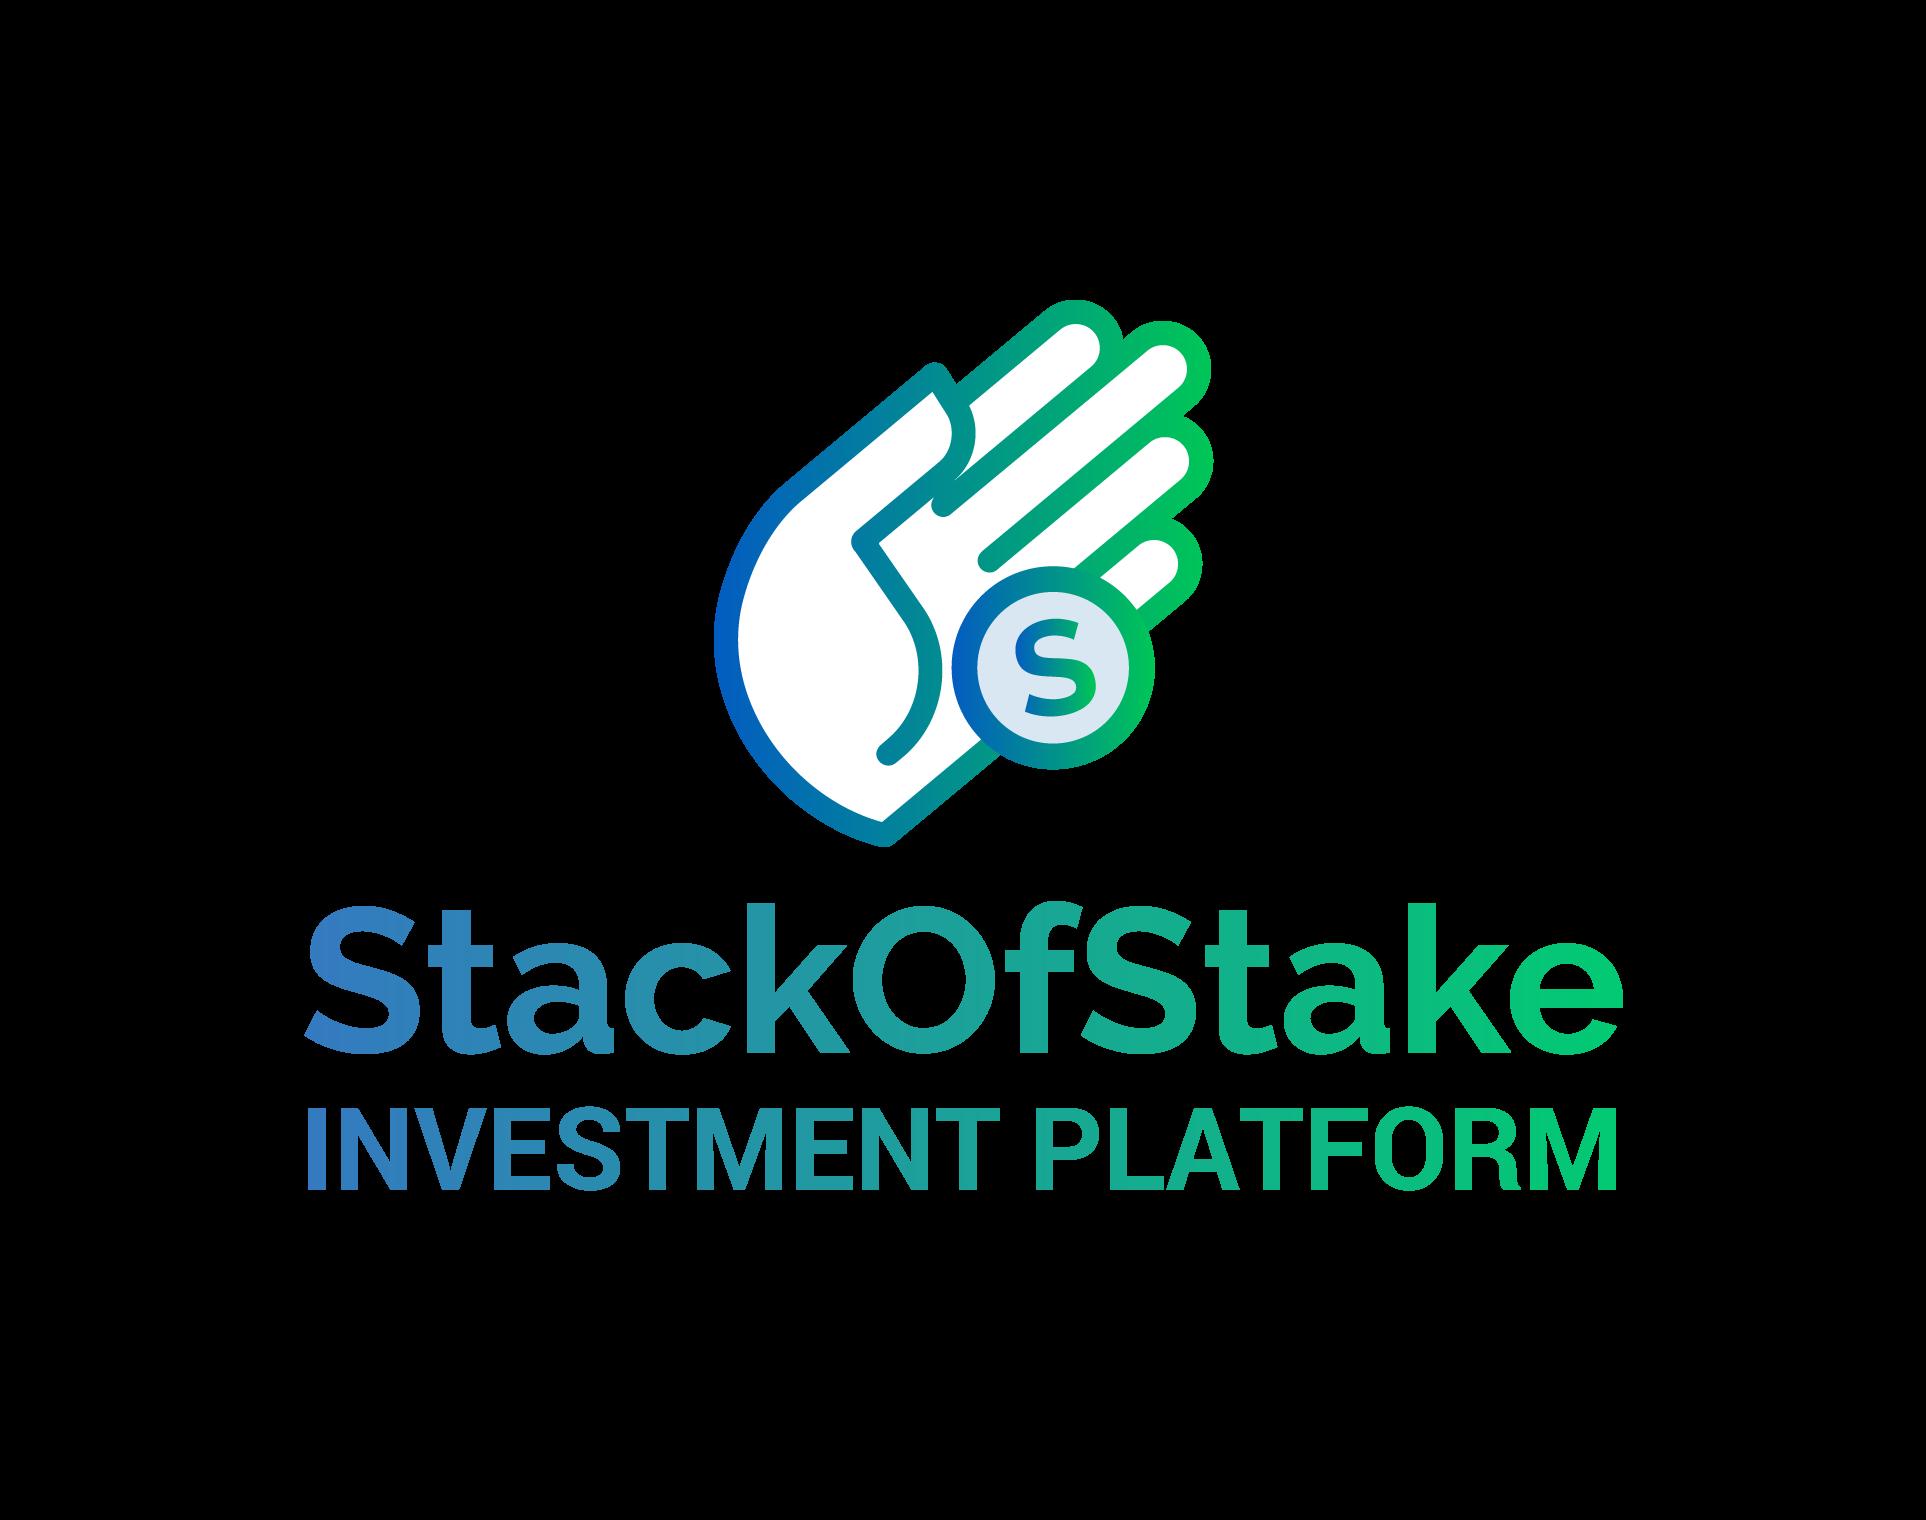 StackOfStake-gradient-vertical-III